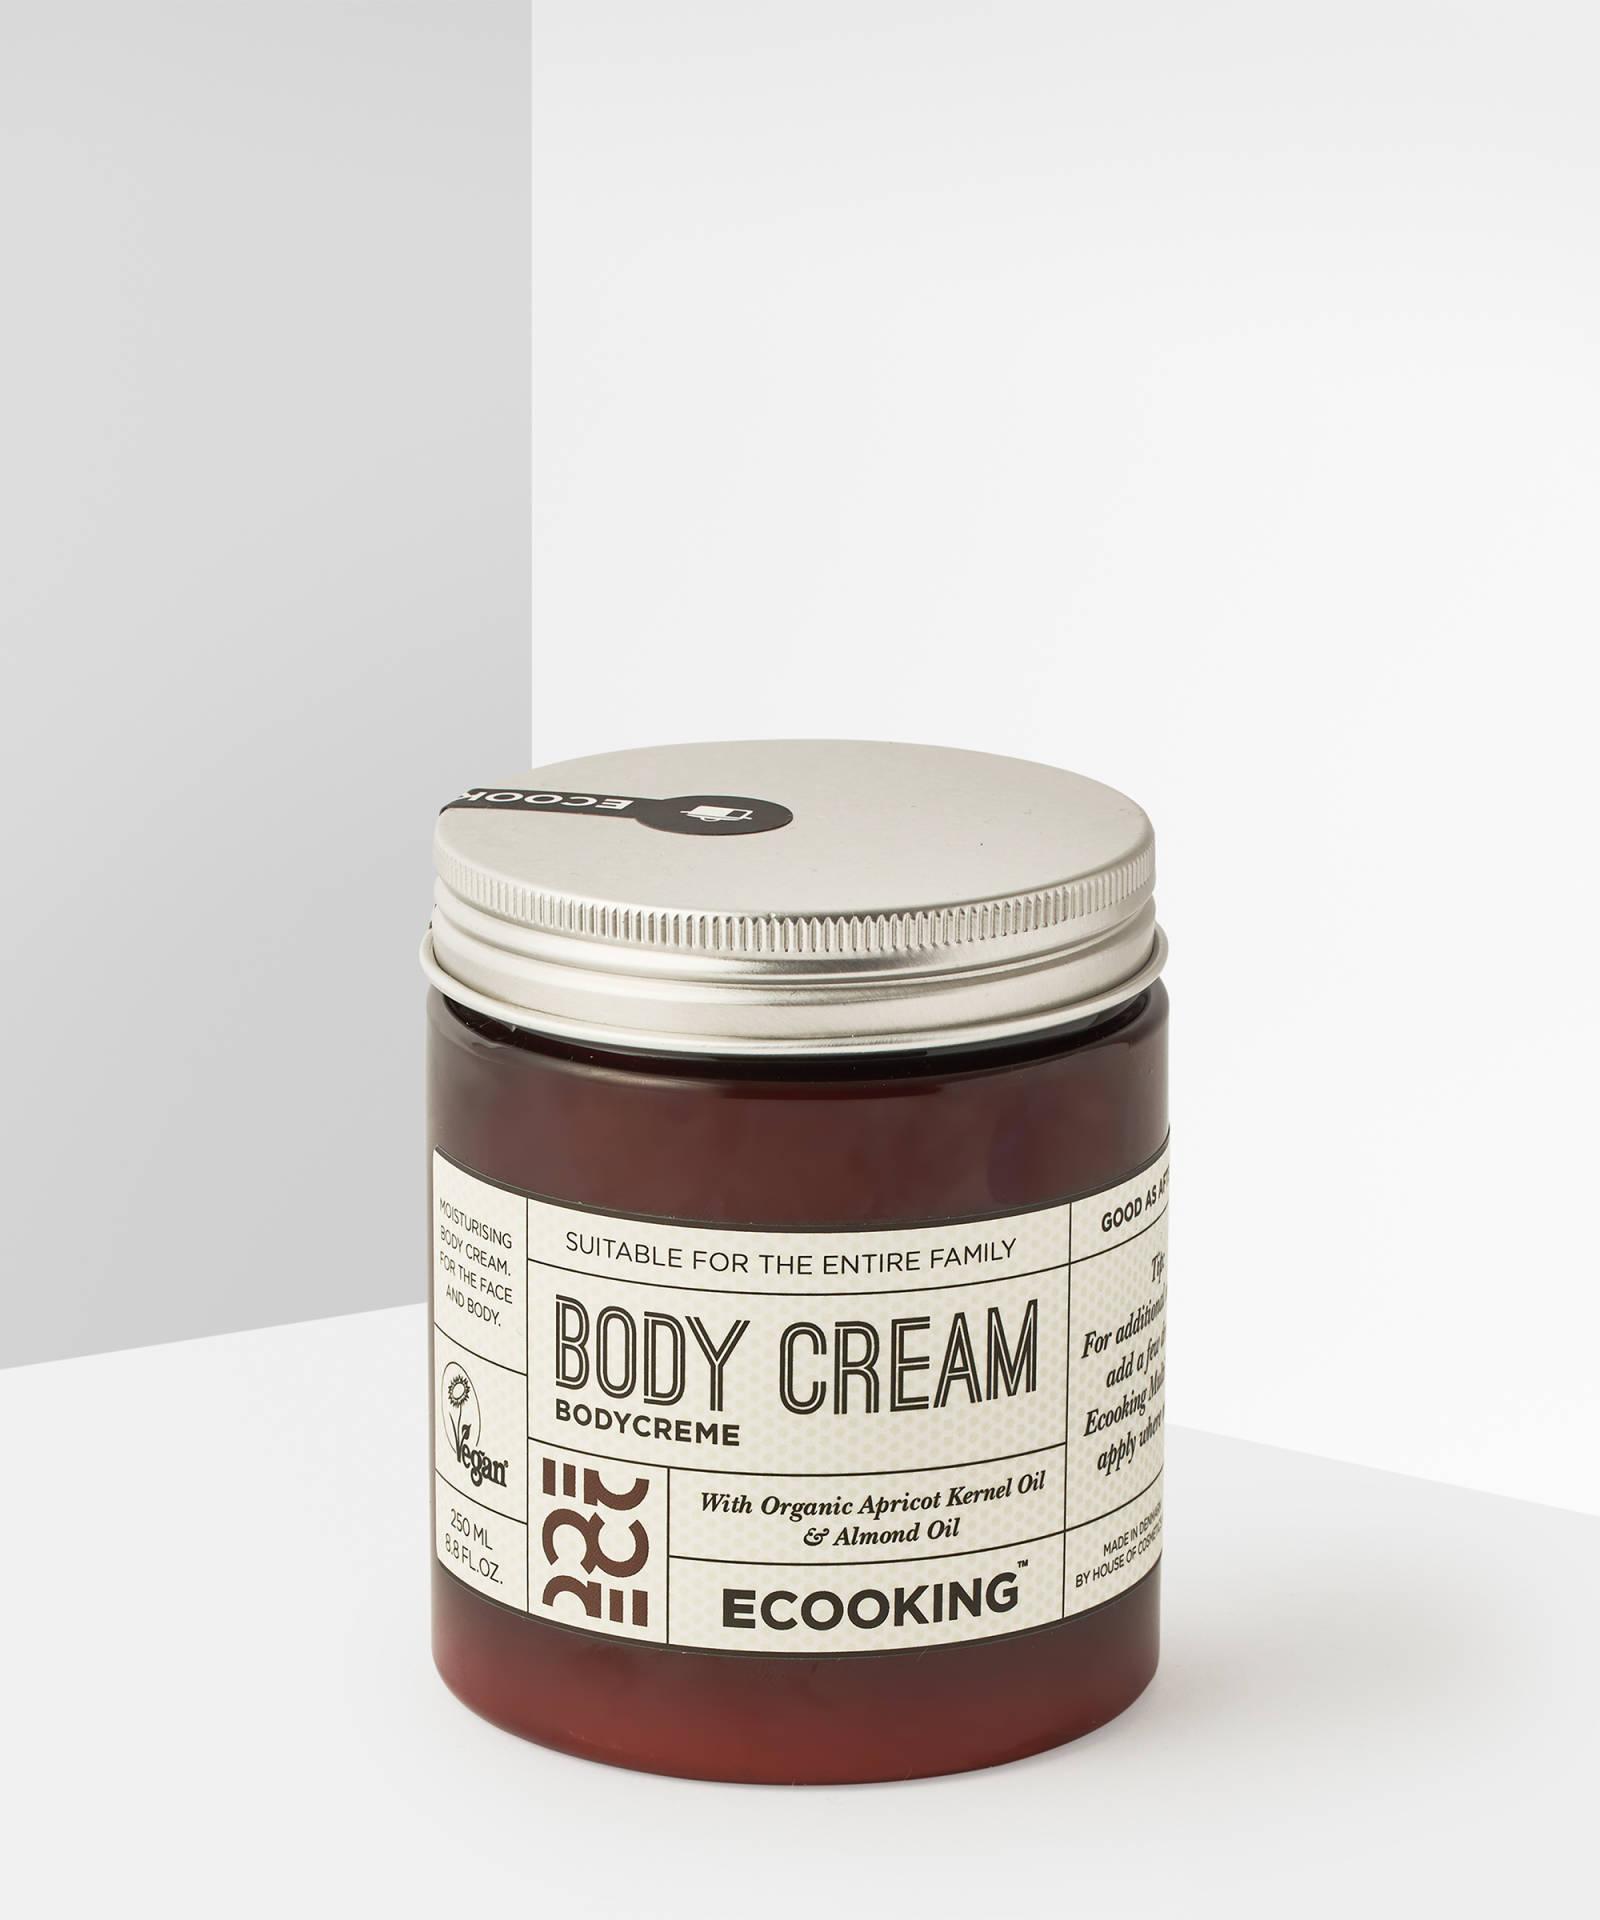 ECooking Body Cream, 54лв./250 ml Богат хидратиращ крем за тяло с аромат на бадеми и праскови. Съставът отново е изцяло органичен и богат на ароматни масла.